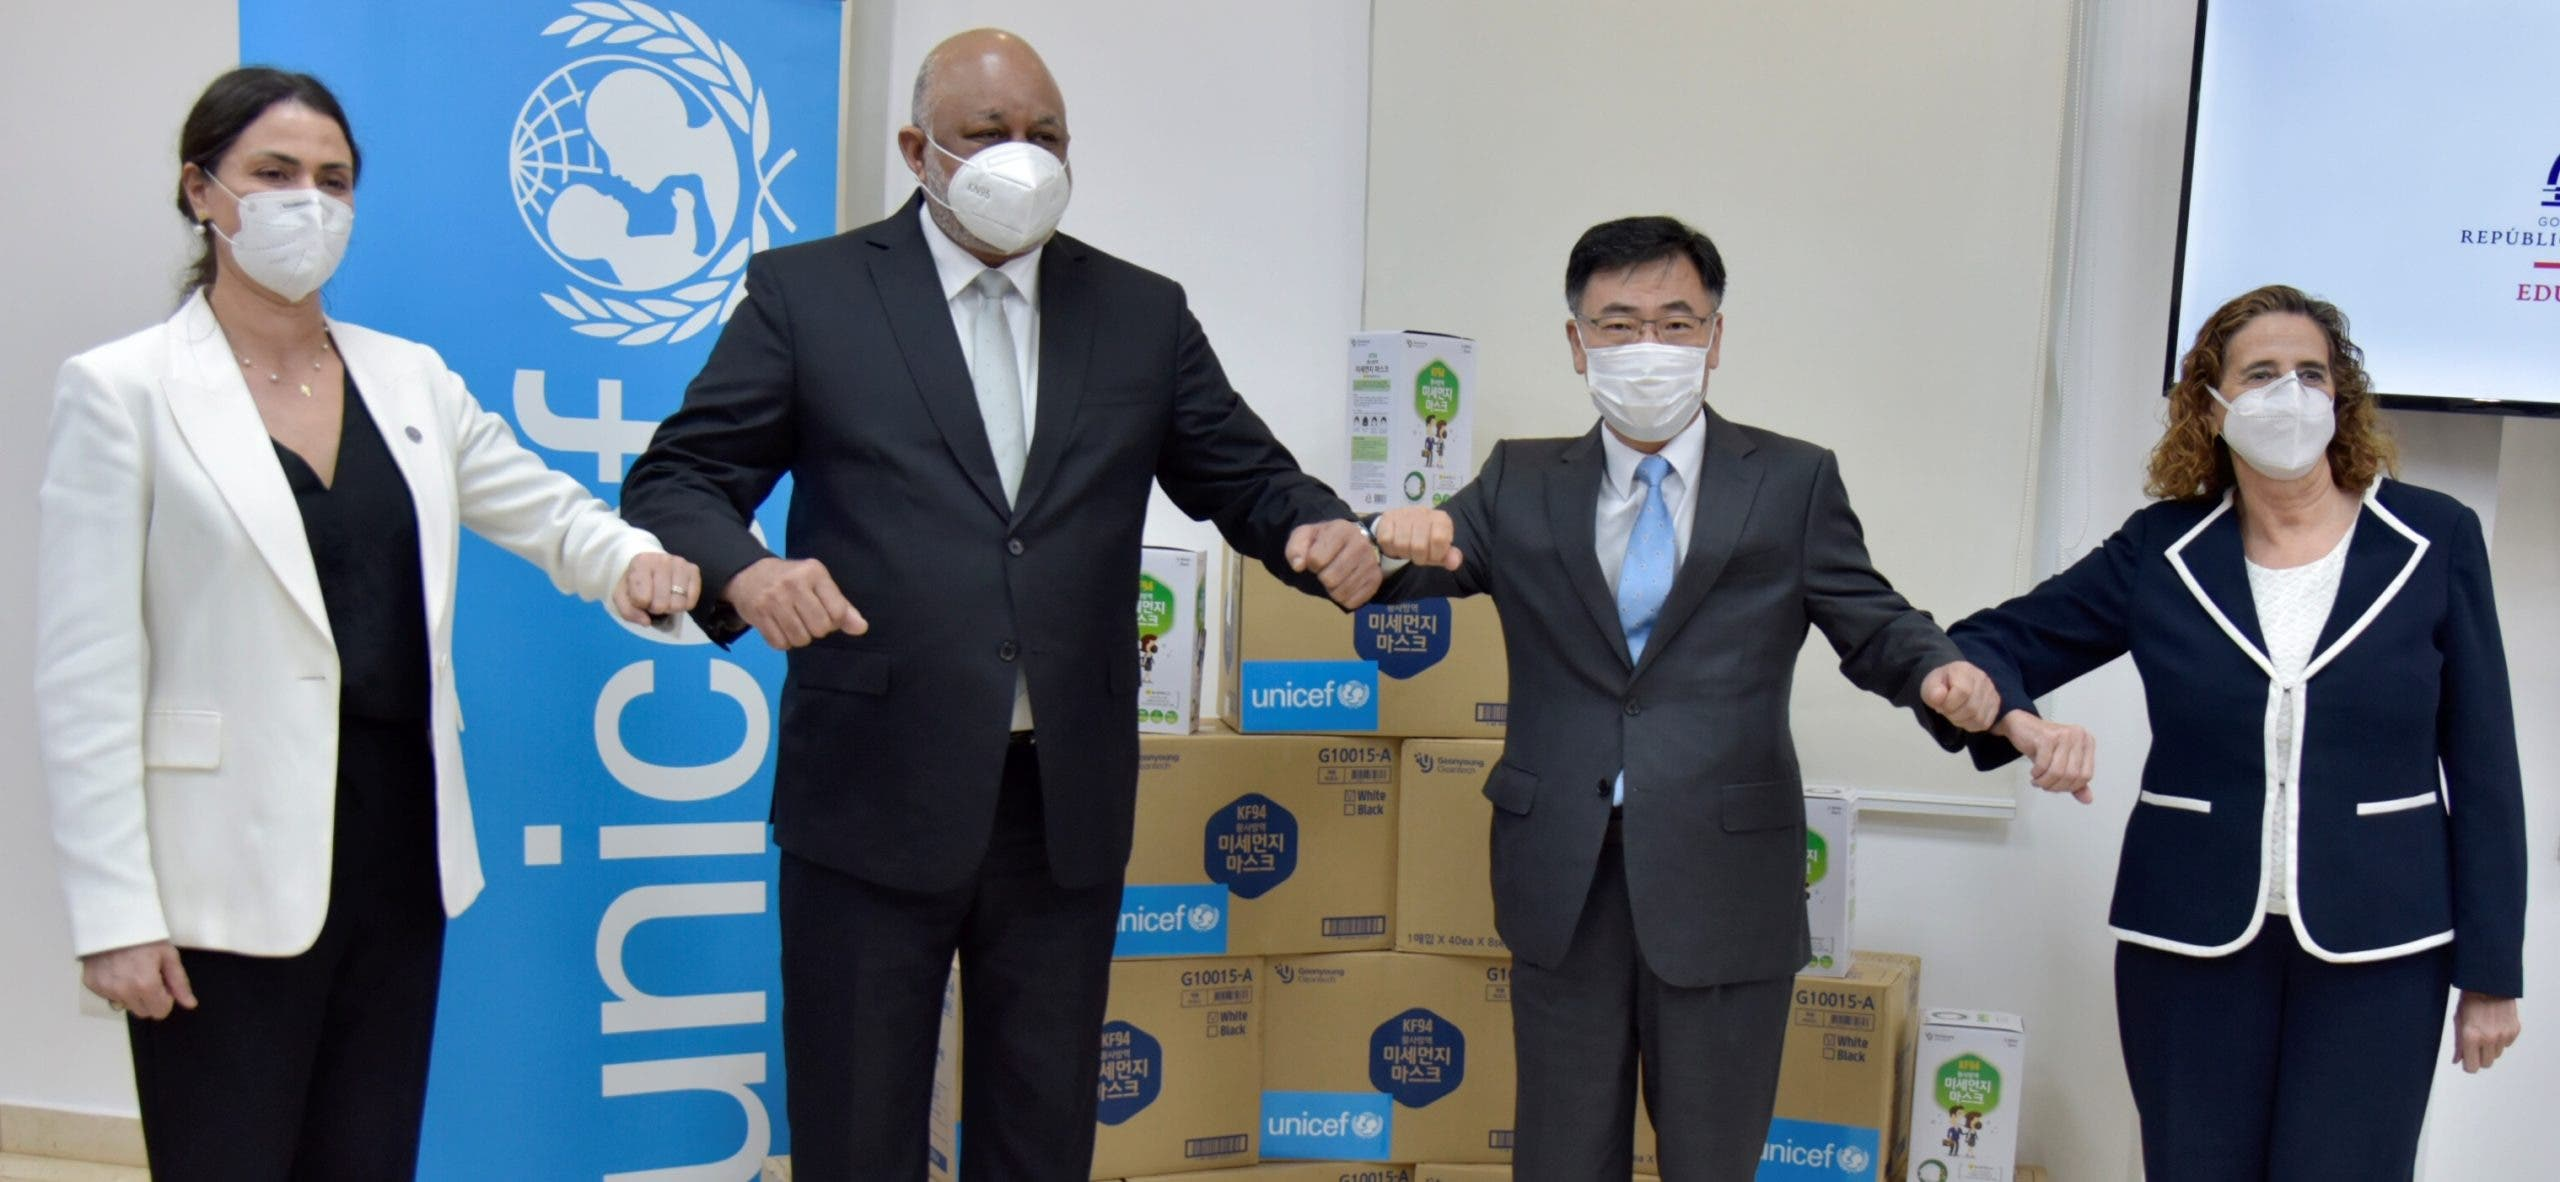 Embajada de Corea y UNICEF entregan 500 mil mascarillas al Gobierno dominicano